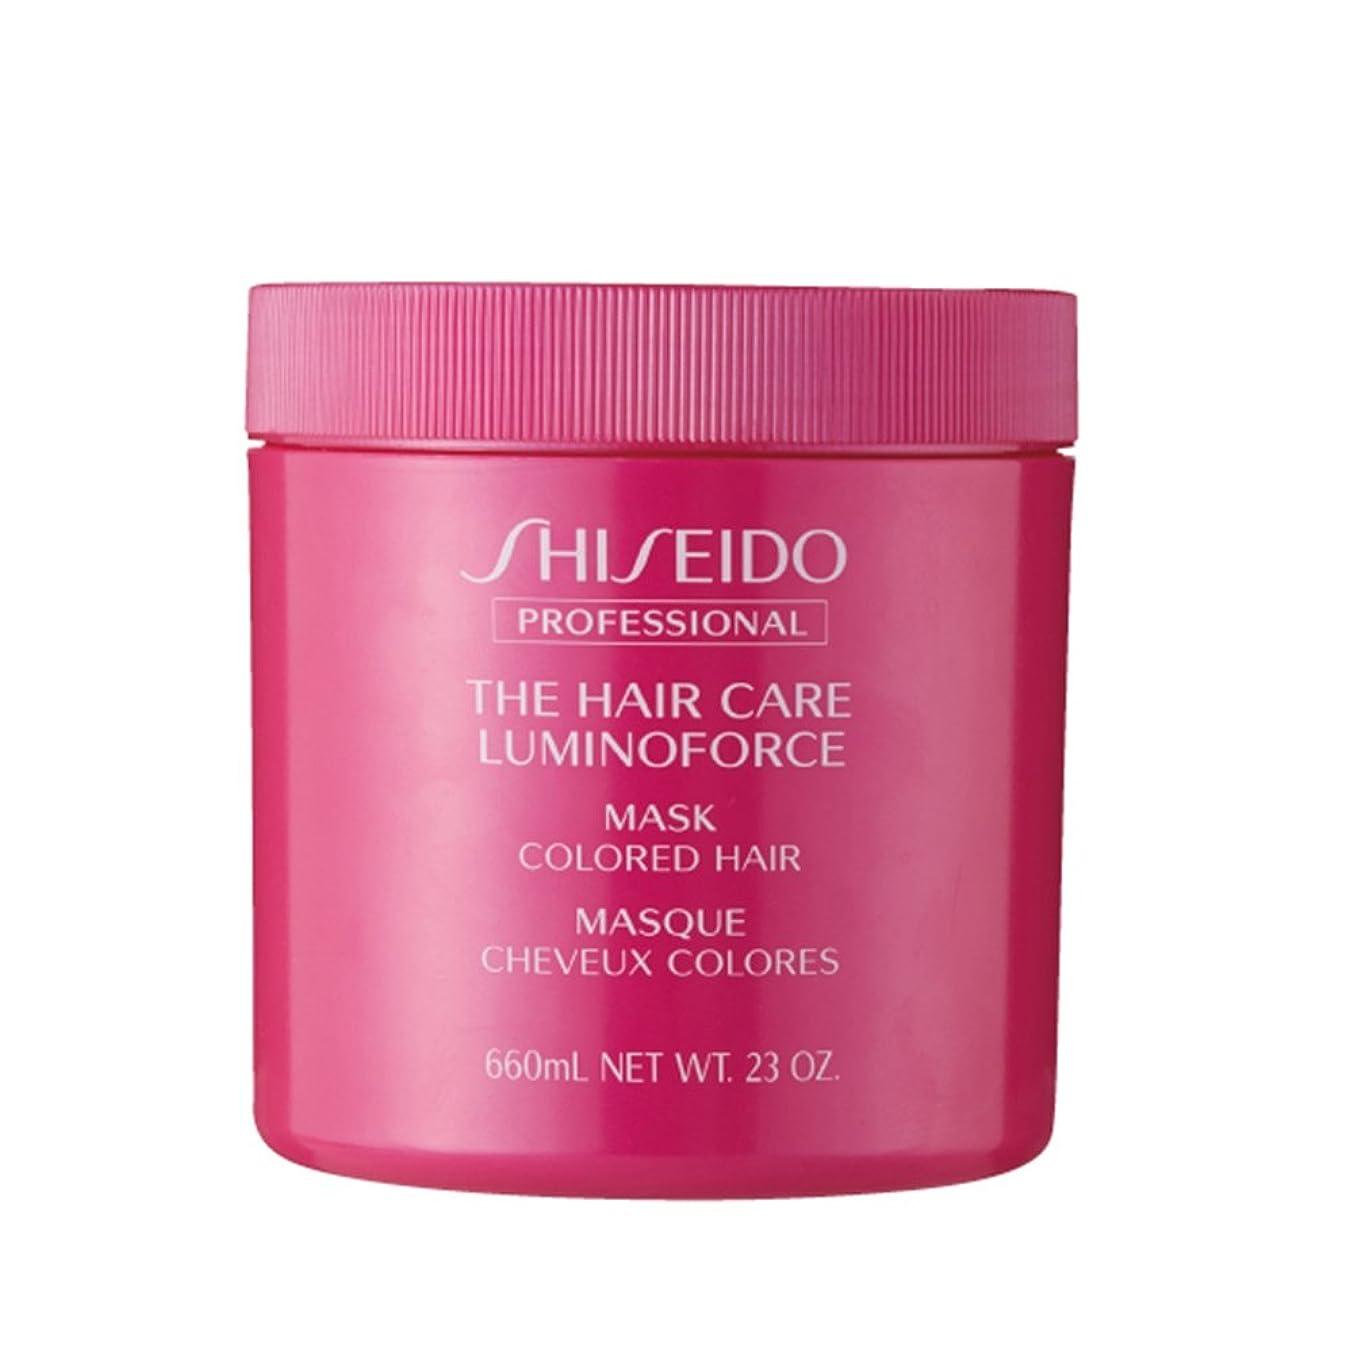 迫害する乱暴な正義資生堂 THC ルミノフォース マスク 680g ヘアカラーを繰り返したごわついた髪を、 芯からしなやかでつややかな髪へ SHISEIDO LUMINOFORCE